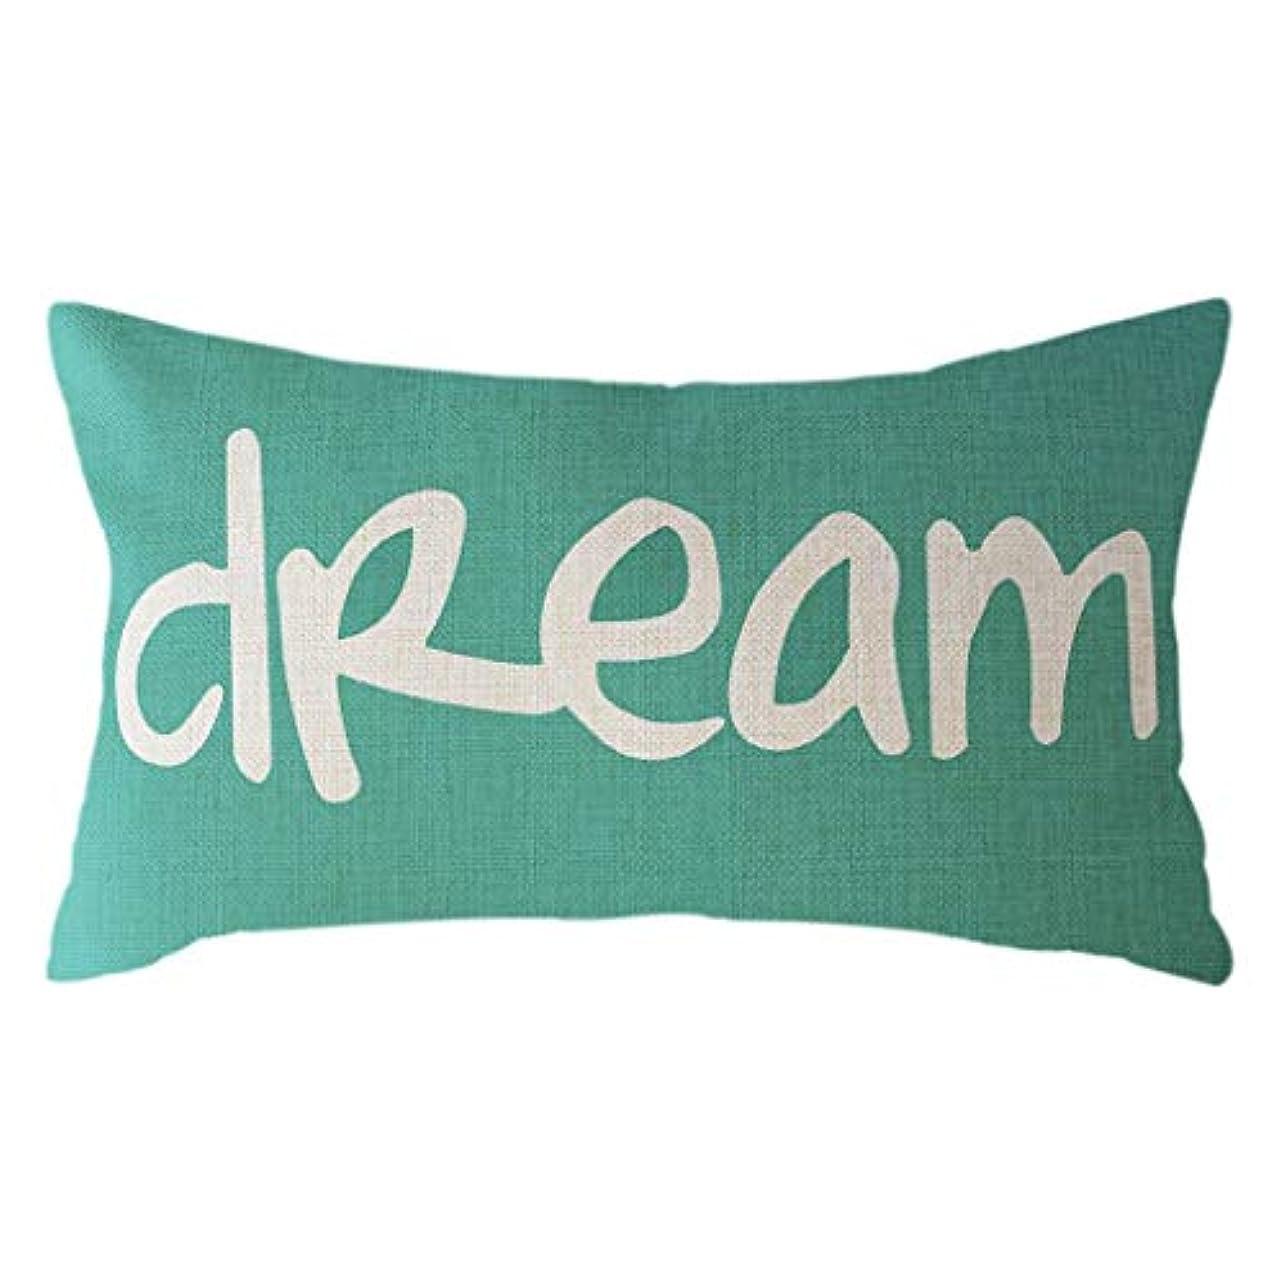 排除侮辱印をつけるLIFE 椅子クッションミニマ幾何学的な枕リネン (30 センチメートルの x 50 センチメートル) クッションプリント緑の木春家の装飾 cojin ソルレドンド クッション 椅子